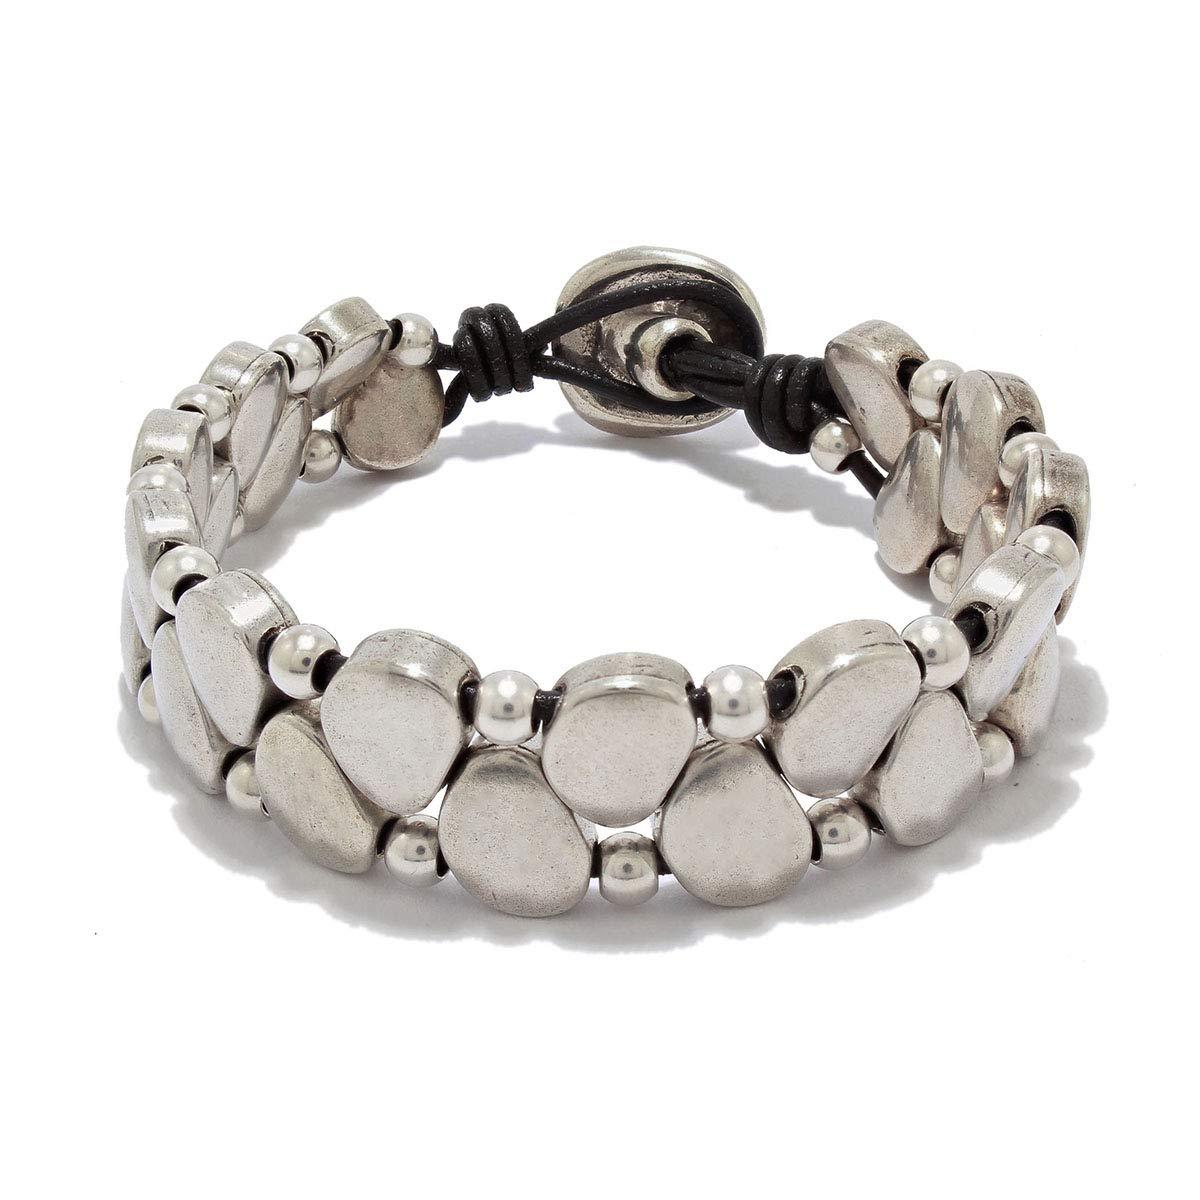 Hecho a mano, pulsera de cuero y piezas de zamak plata hecha por Intendenciajewels - Pulsera con abalorios de plata - Pulsera de cuero para mujer - Pulsera de zamak - Pulsera Boho